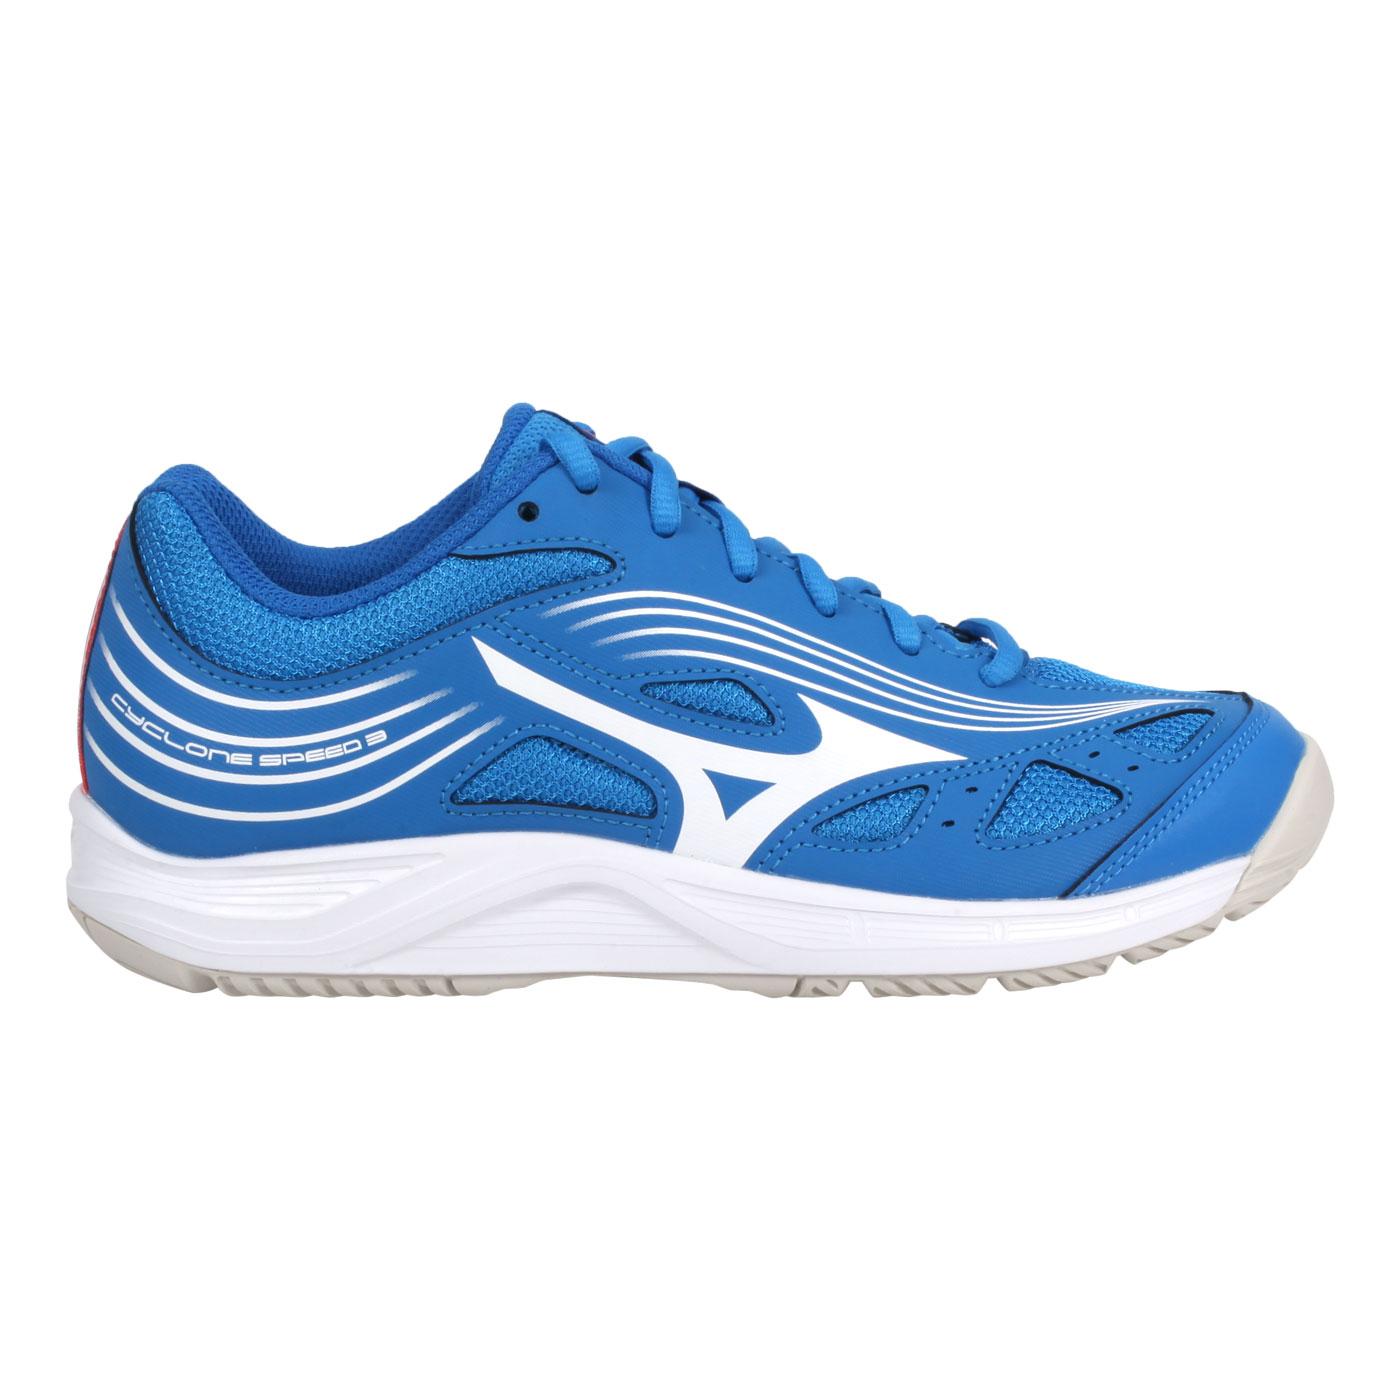 MIZUNO 男女排球鞋  @CYCLONE SPEED 3@V1GA218024